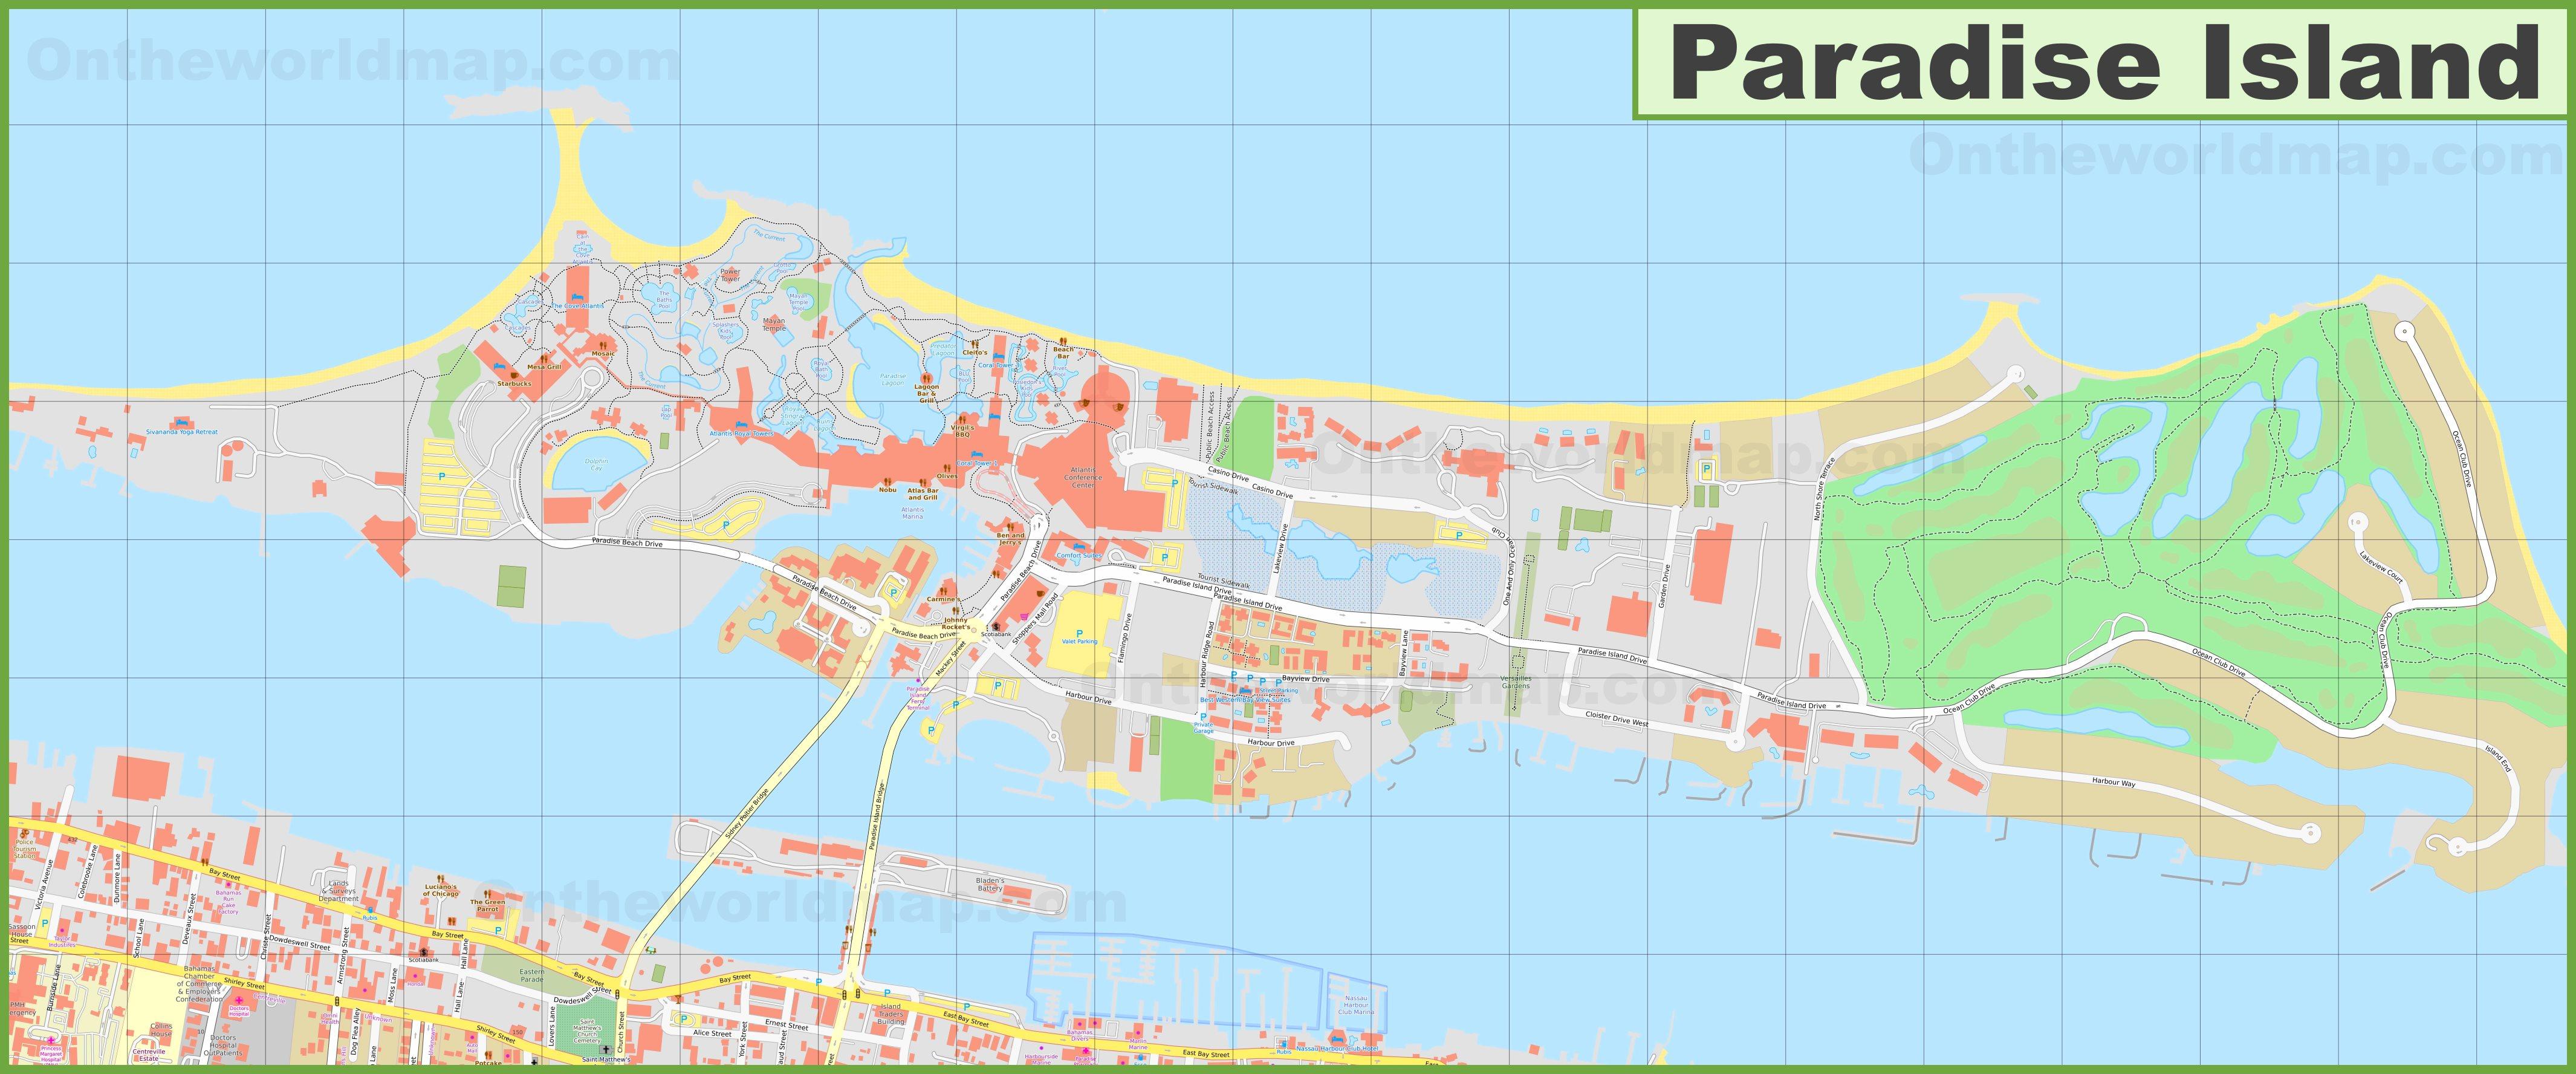 Paradise Island Bahamas Map Large detailed map of Paradise Island